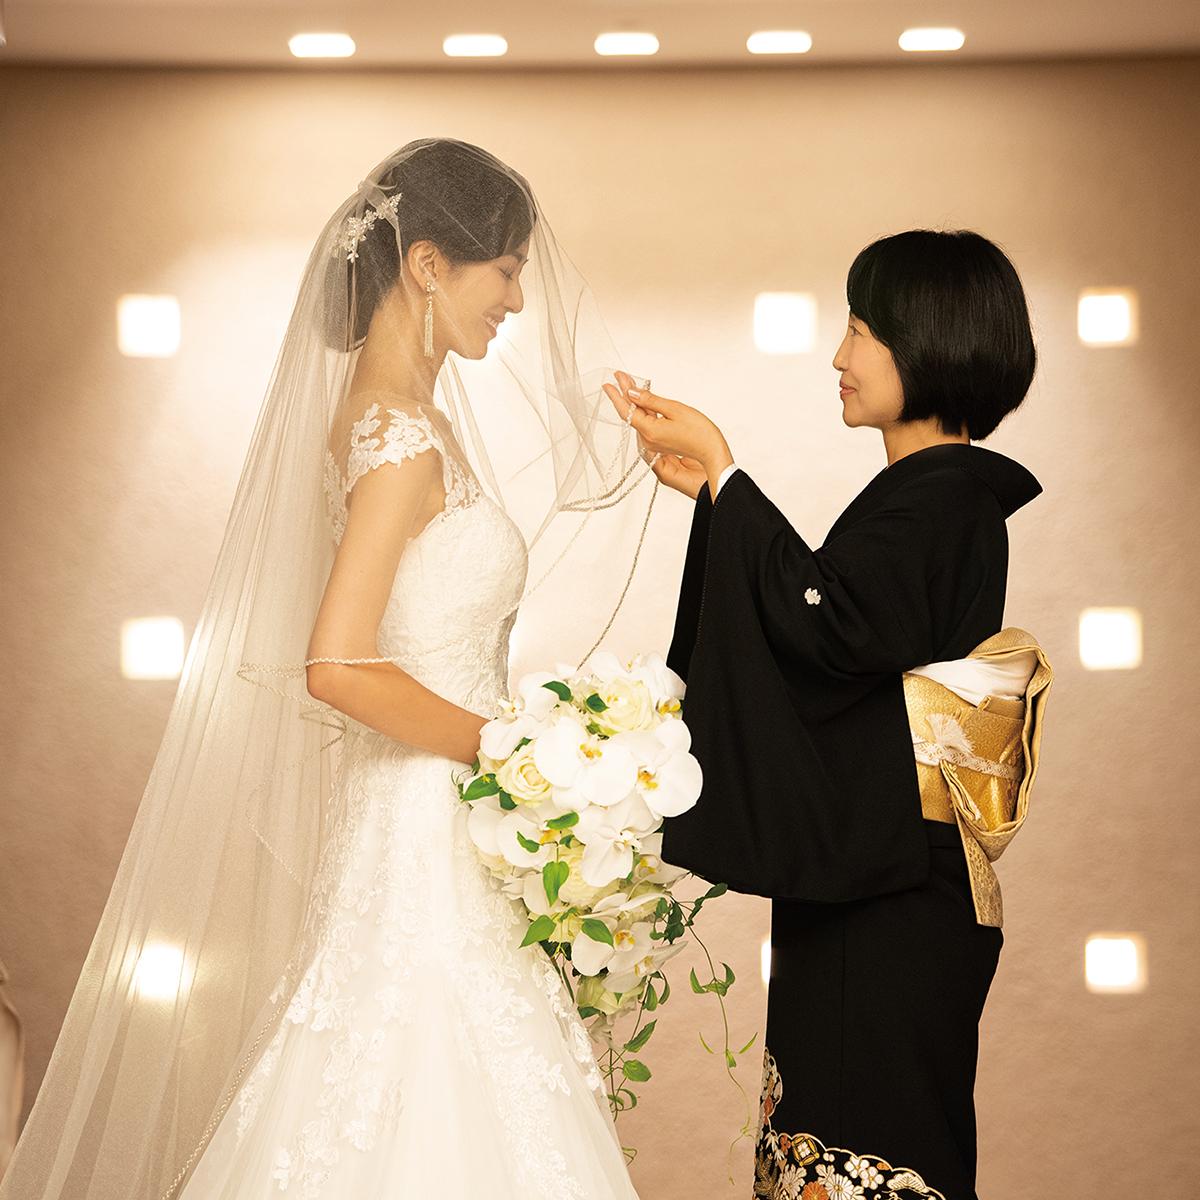 結婚式だからこそ!!新着情報イメージ2